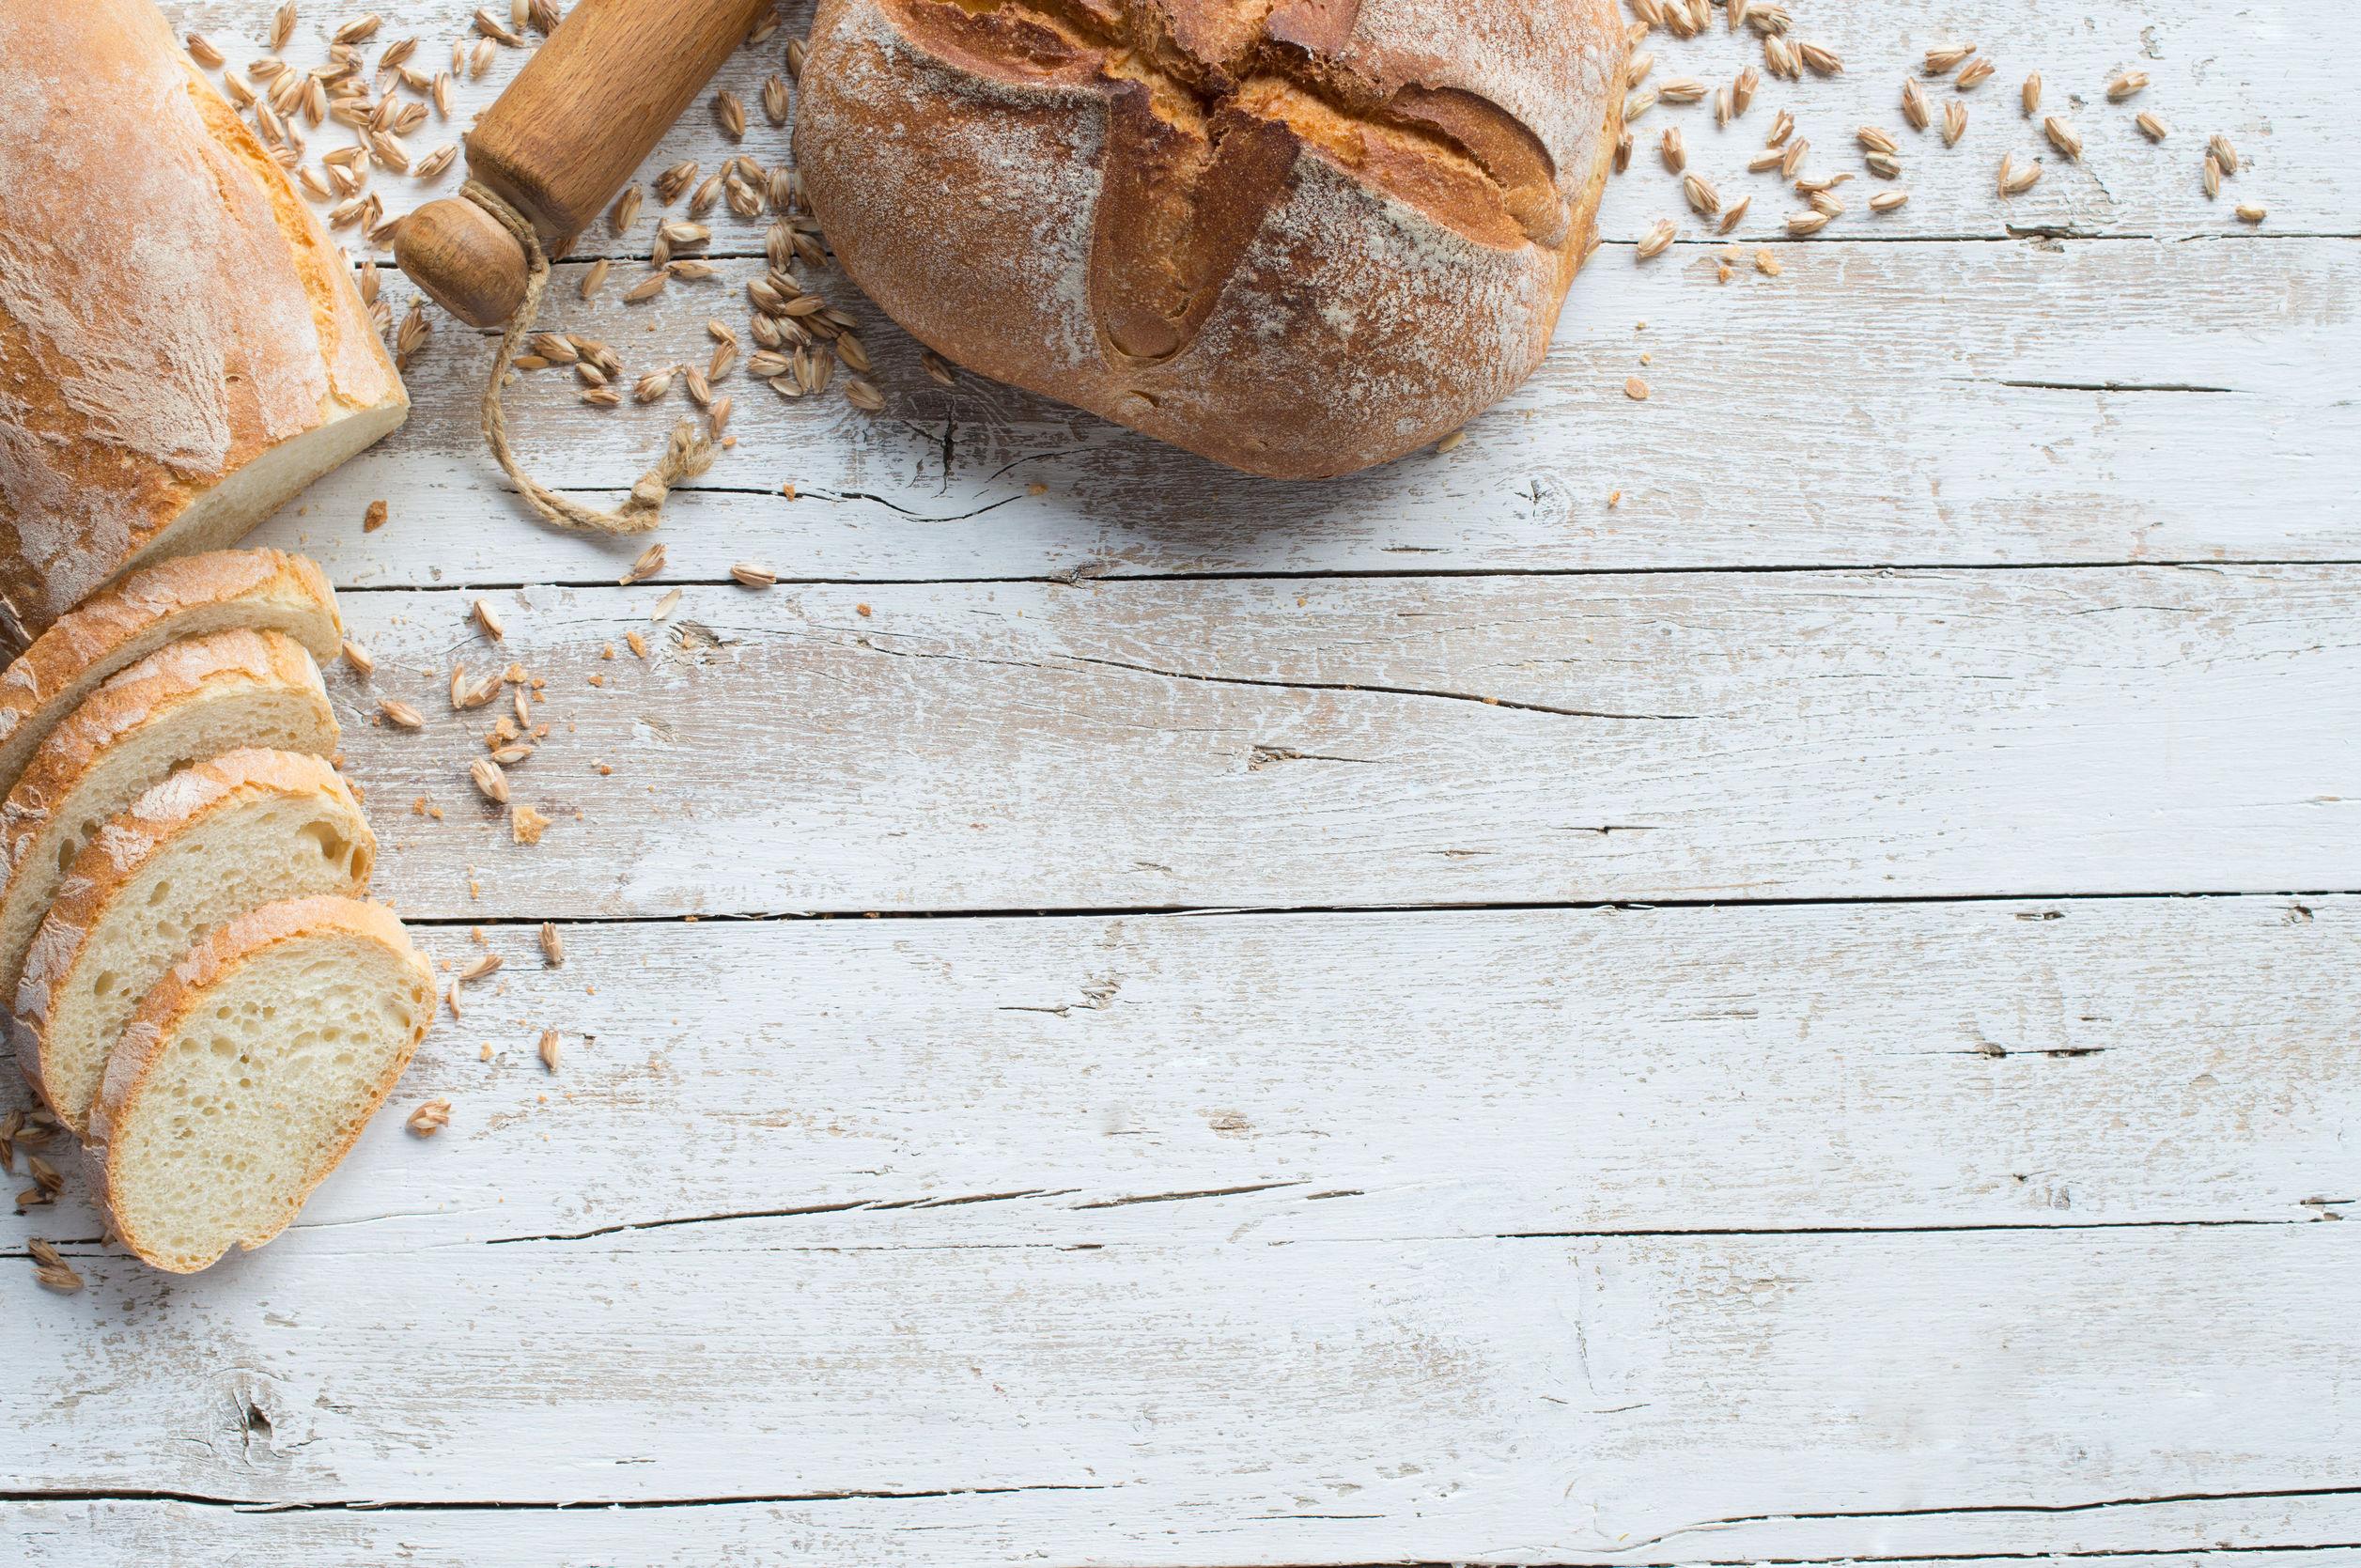 Cum să depozitezi corect pâinea ca să rămână proaspătă cât mai mult timp